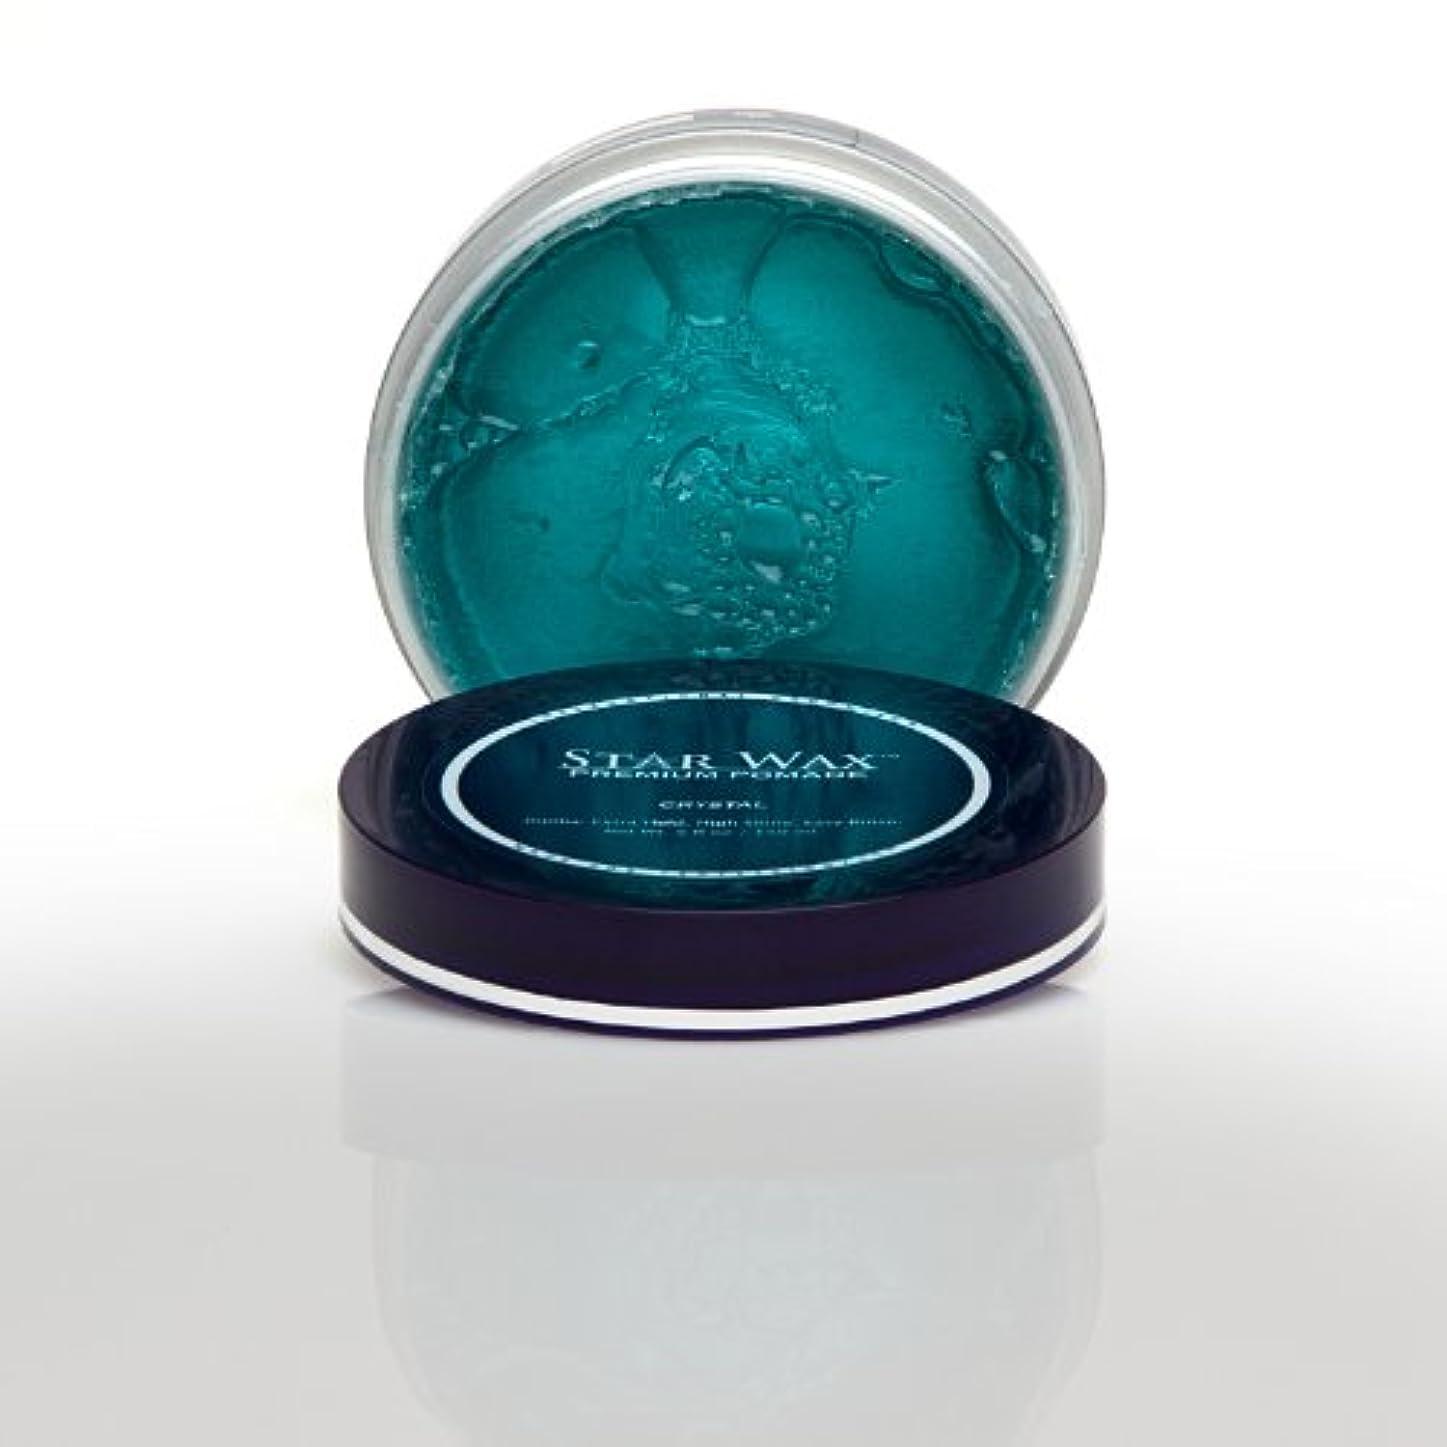 もろいスリンク服を着るStar Wax   Premium Pomade, Crystal(スターワックスプレミアム ポマード「クリスタル」)?Star Pro Line(スタープロライン)製?5(液量)オンス/150ml